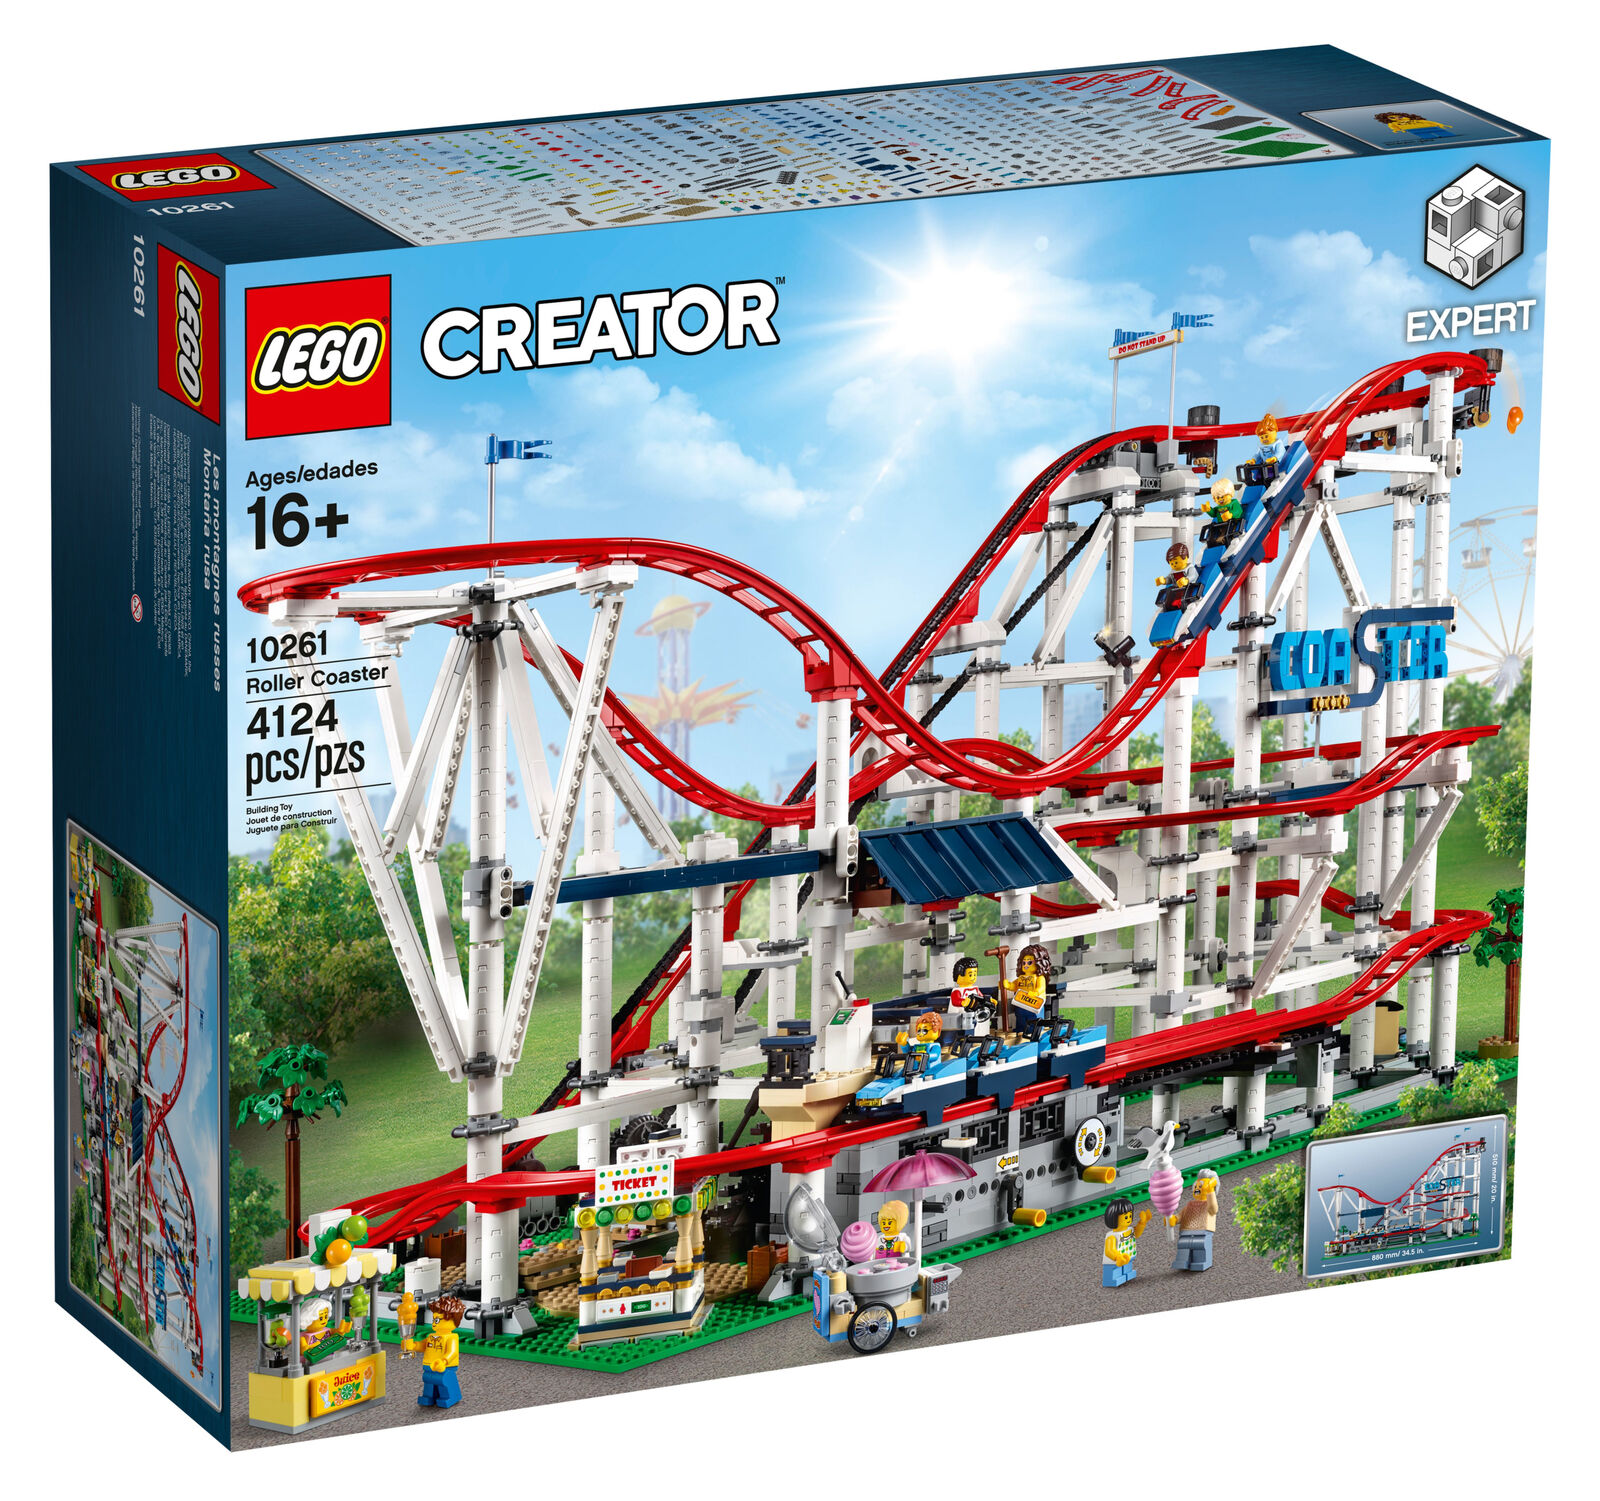 Nuevo Lego Expert Creator Montaña Rusa Conjunto de 10261 - 4124 piezas  Wow